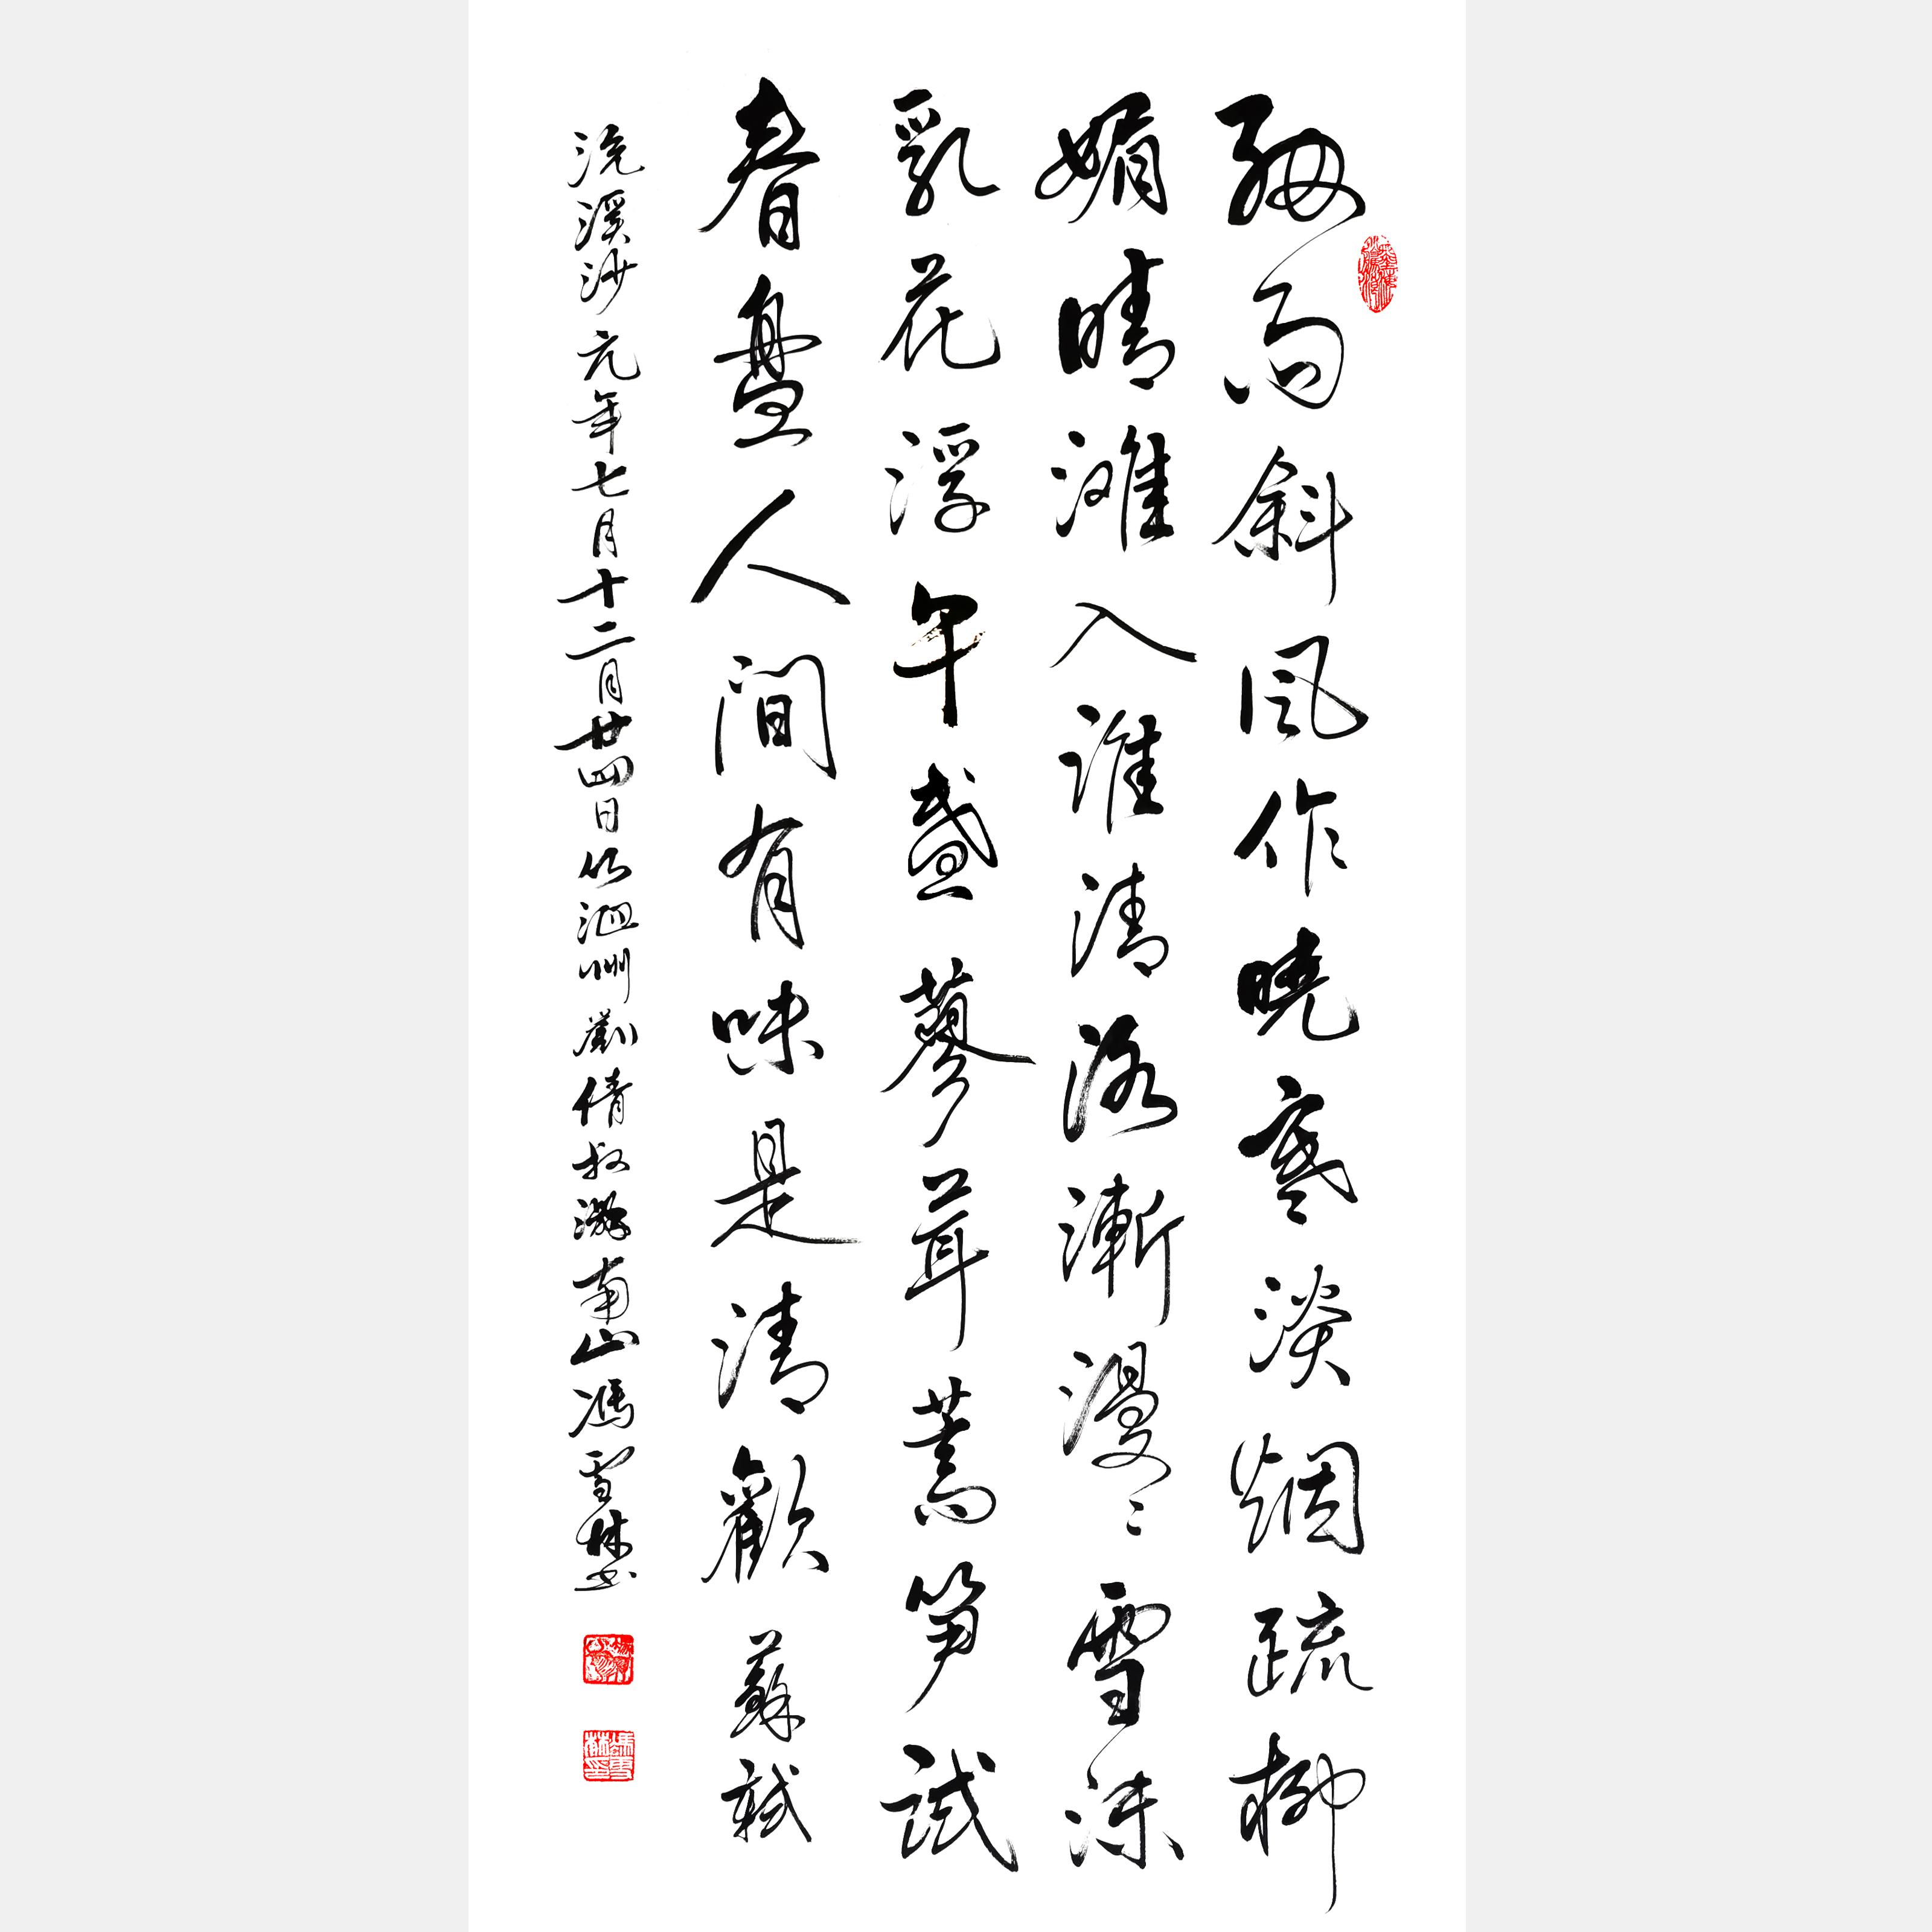 苏轼浣溪沙・细雨斜风作晓寒书法作品欣赏 热爱生活、审美情趣